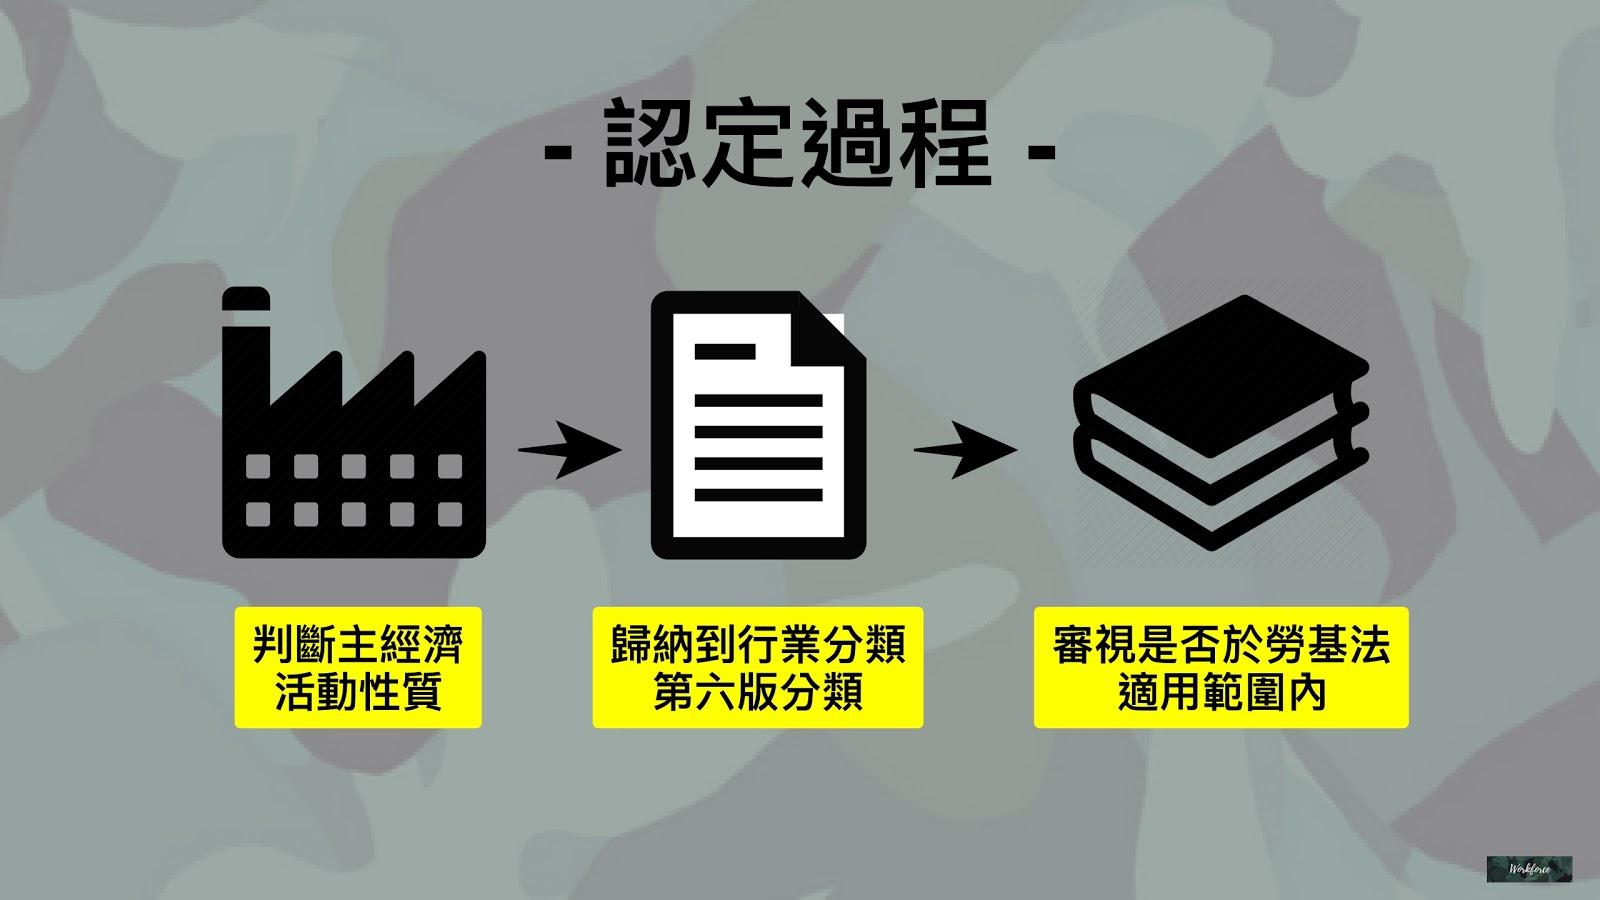 適用勞動基準法之認定過程判別